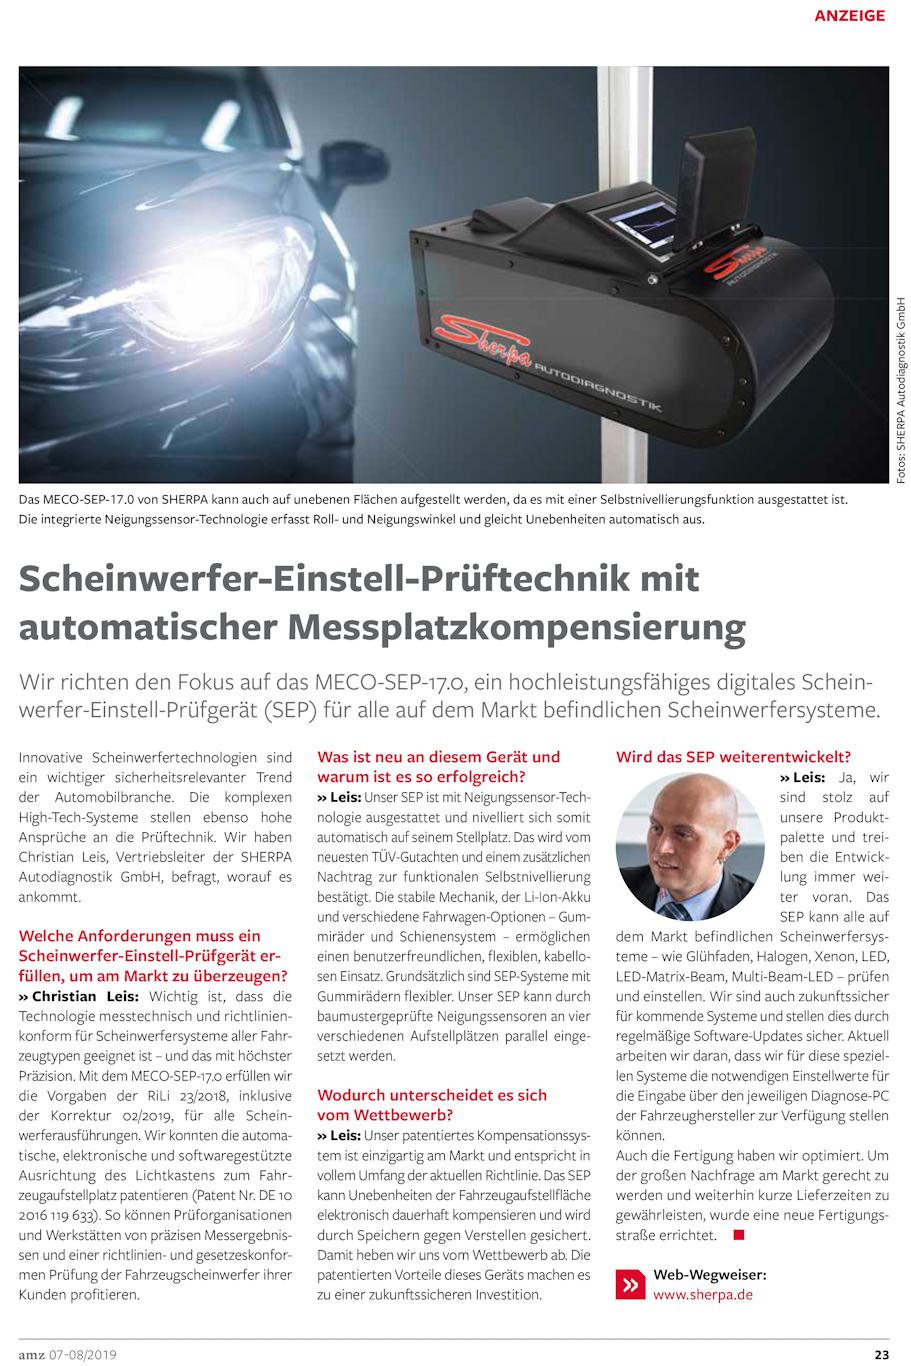 Scheinwerfereinstellgerät MECO-SEP-17.0